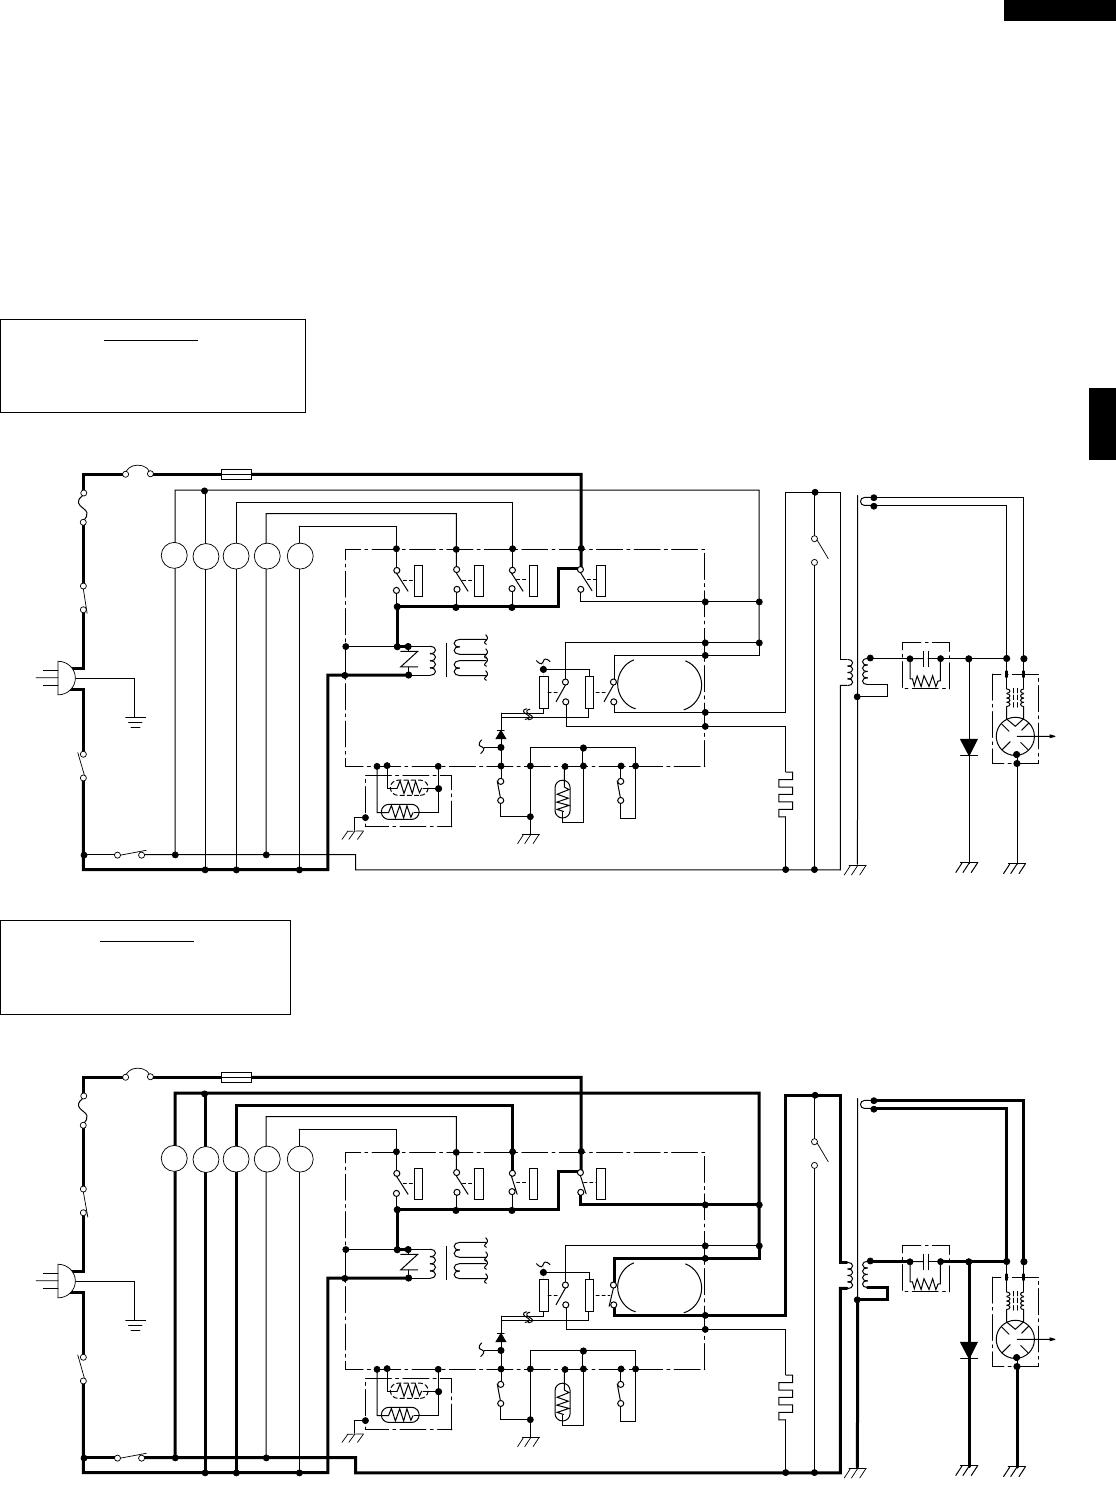 Sharp R 930aw Schematic Diagram